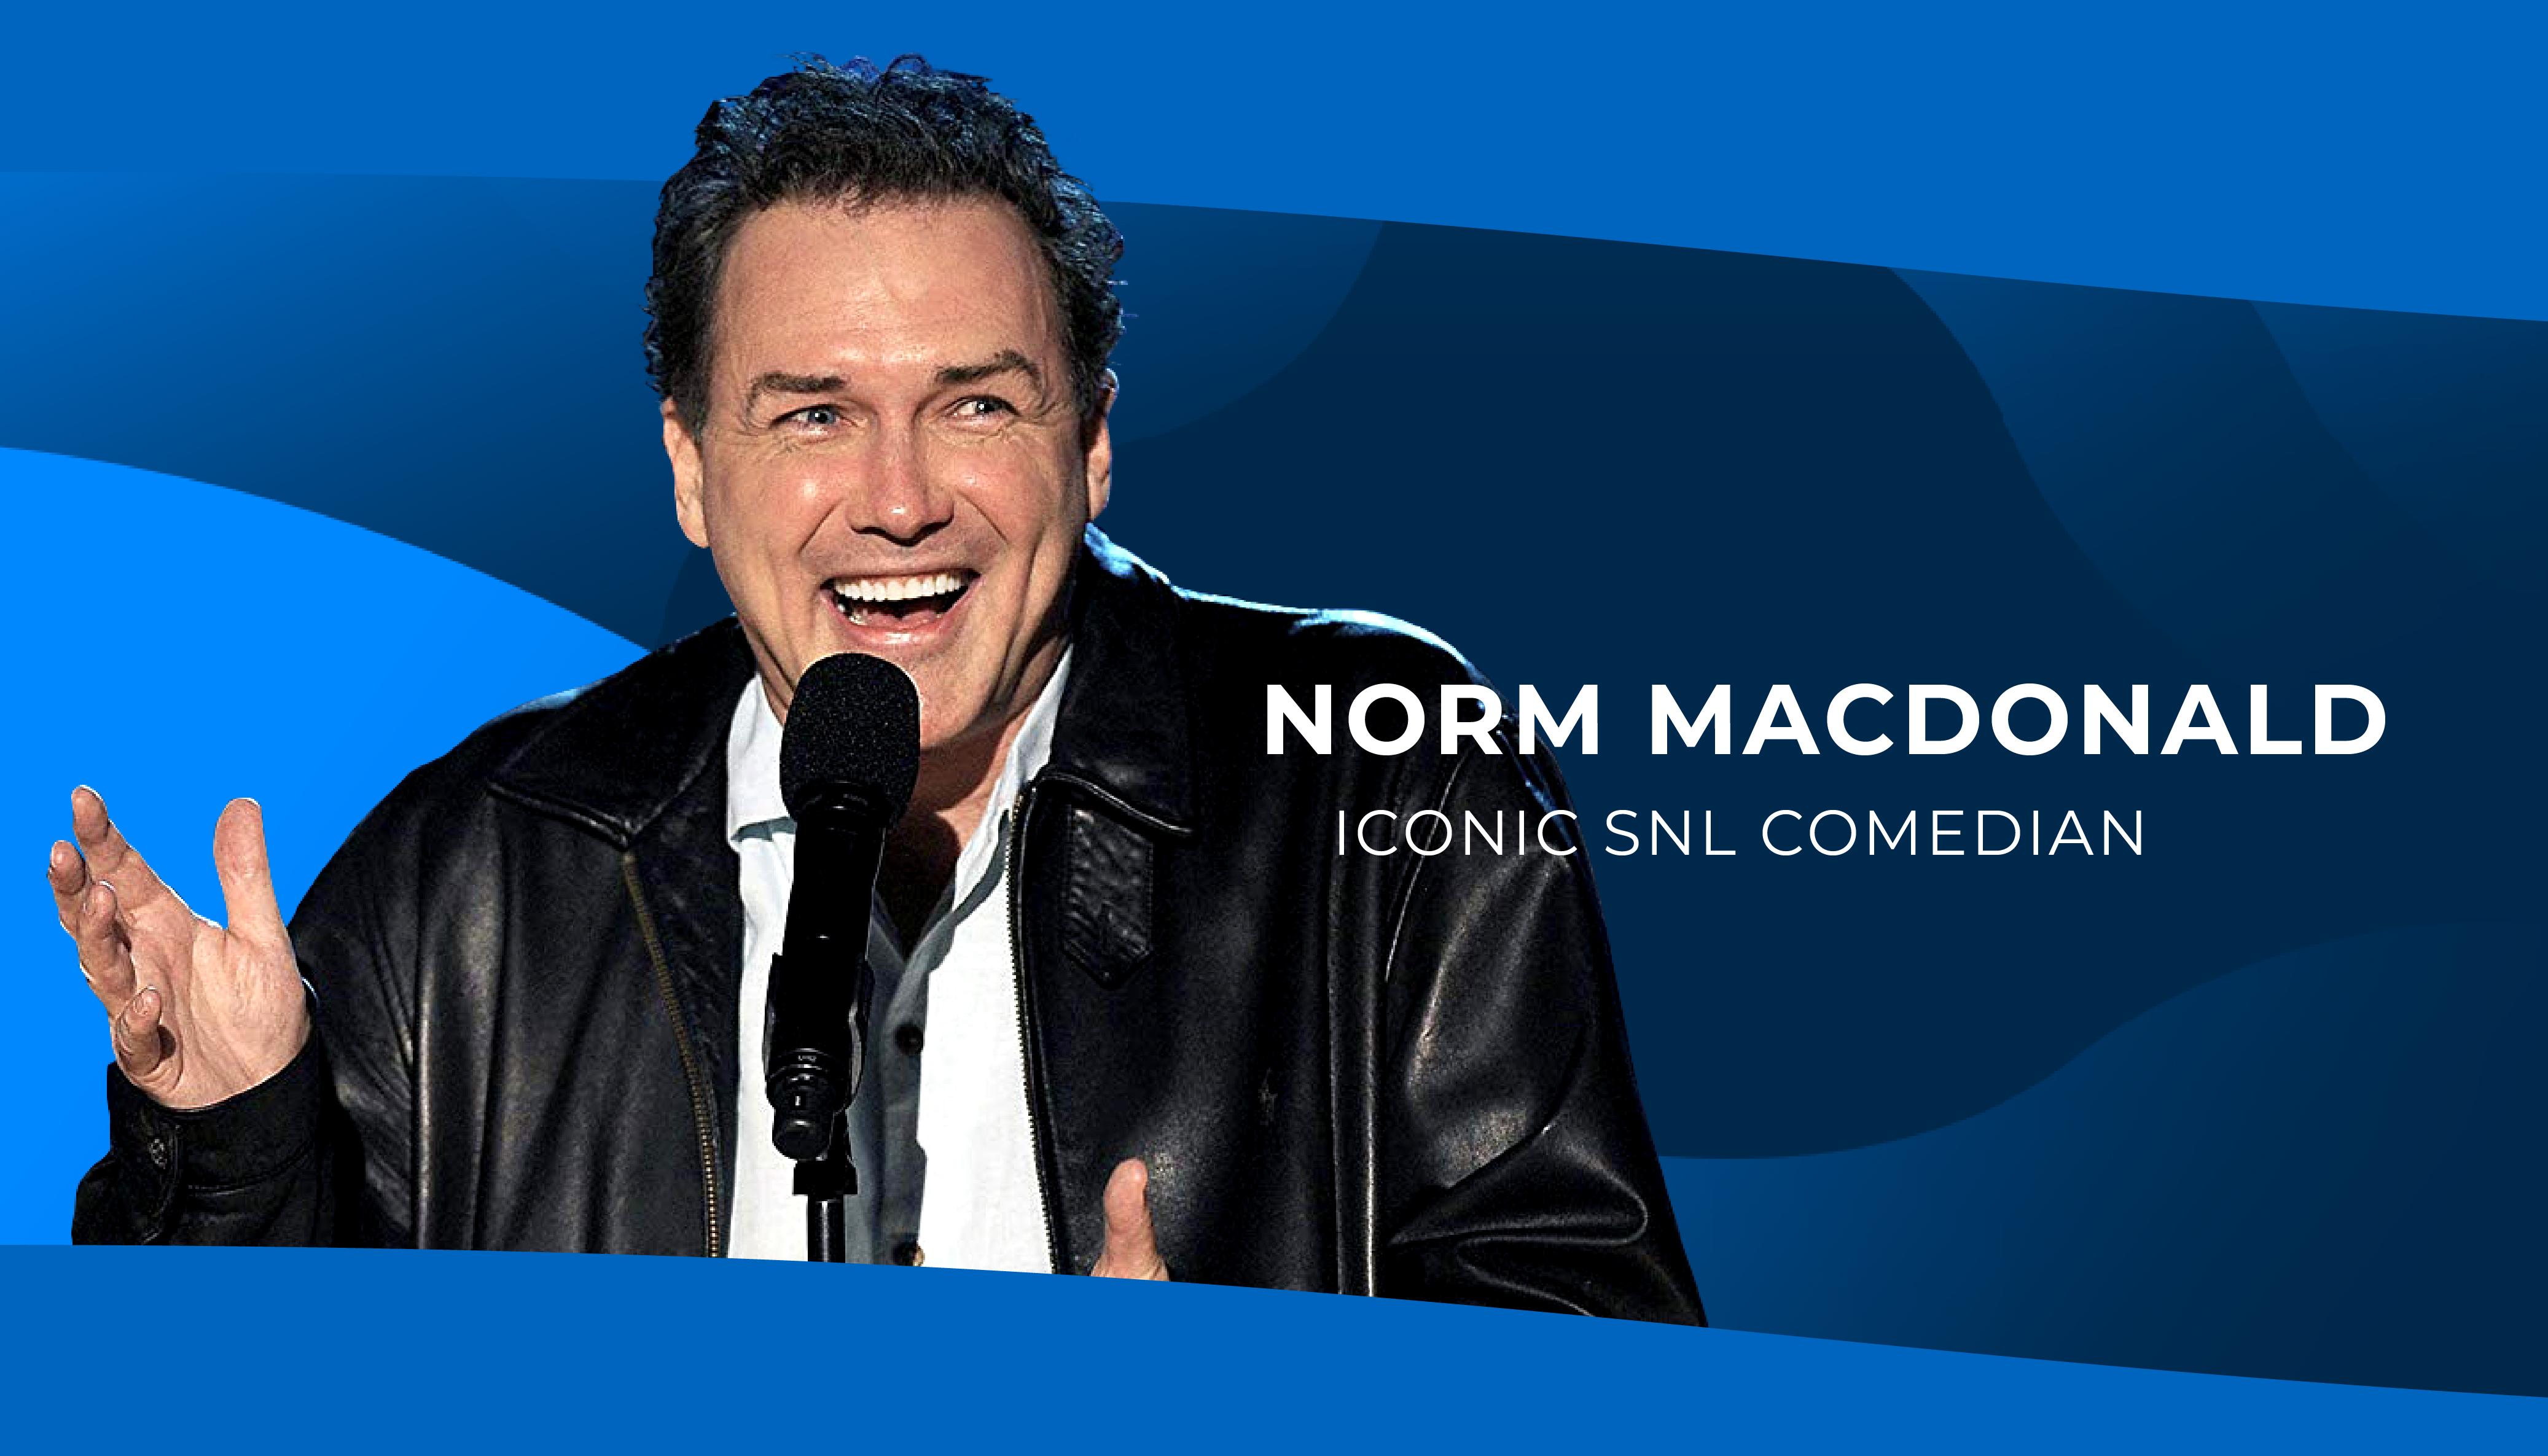 Norm Macdonald, SNL Comedian